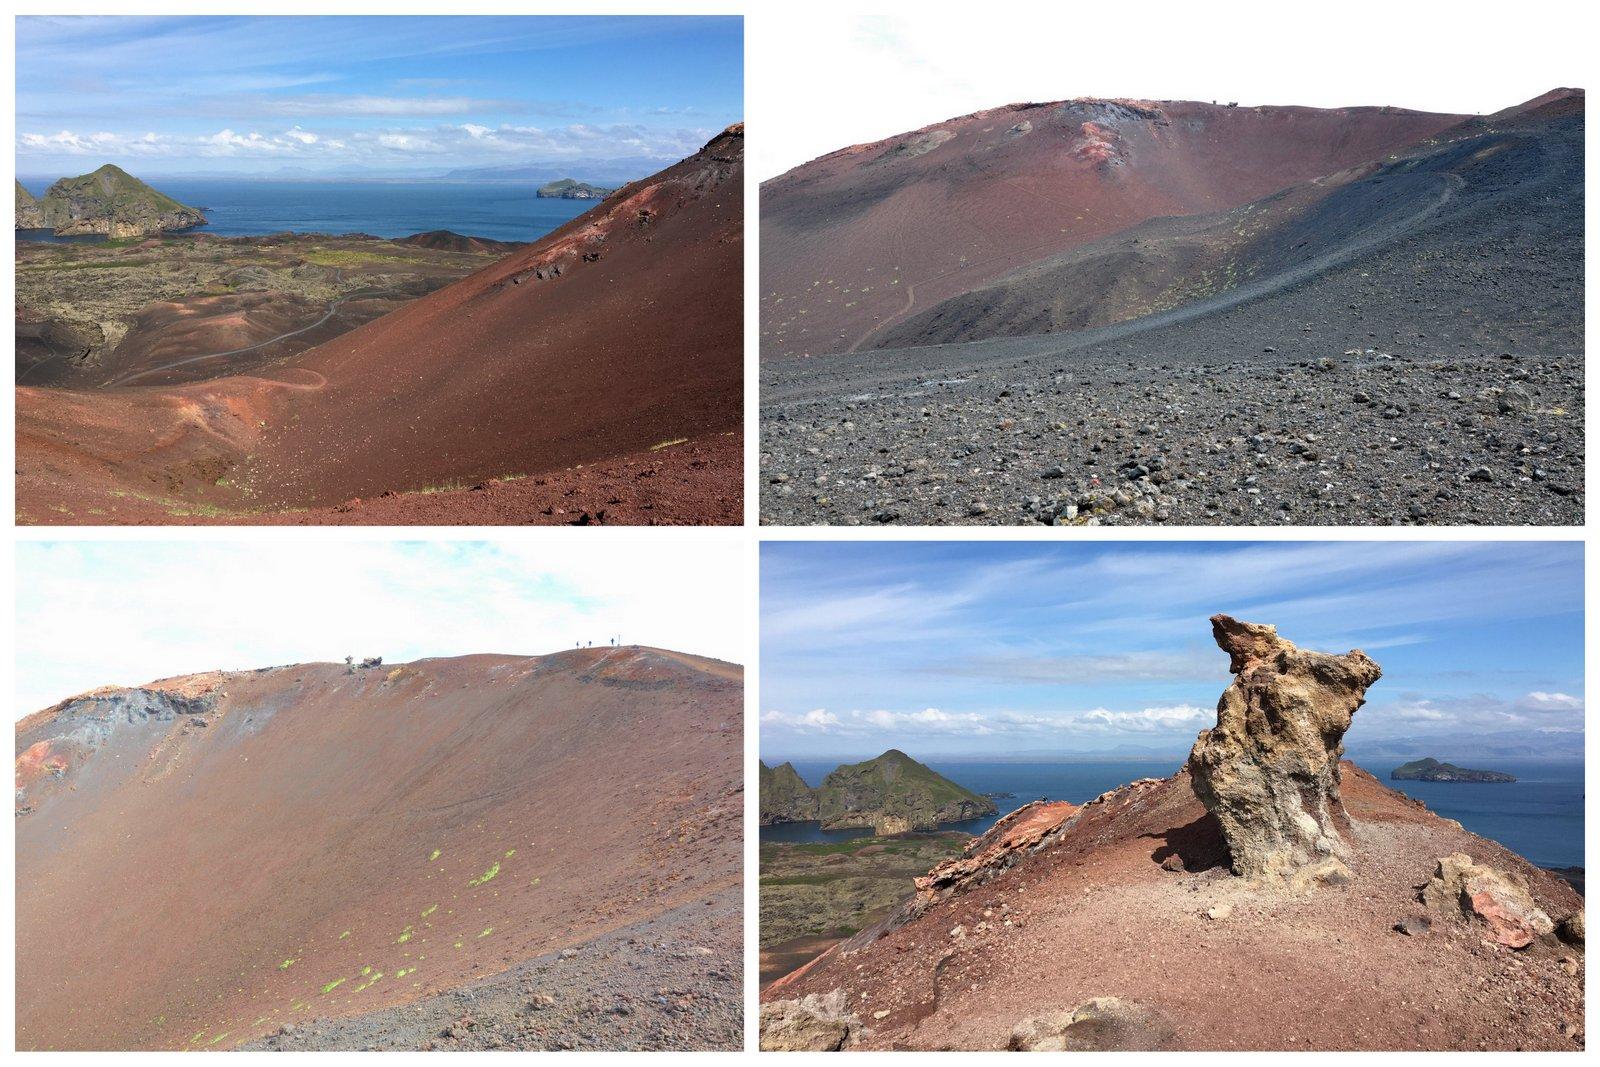 volcán eldfell-islas vestmann